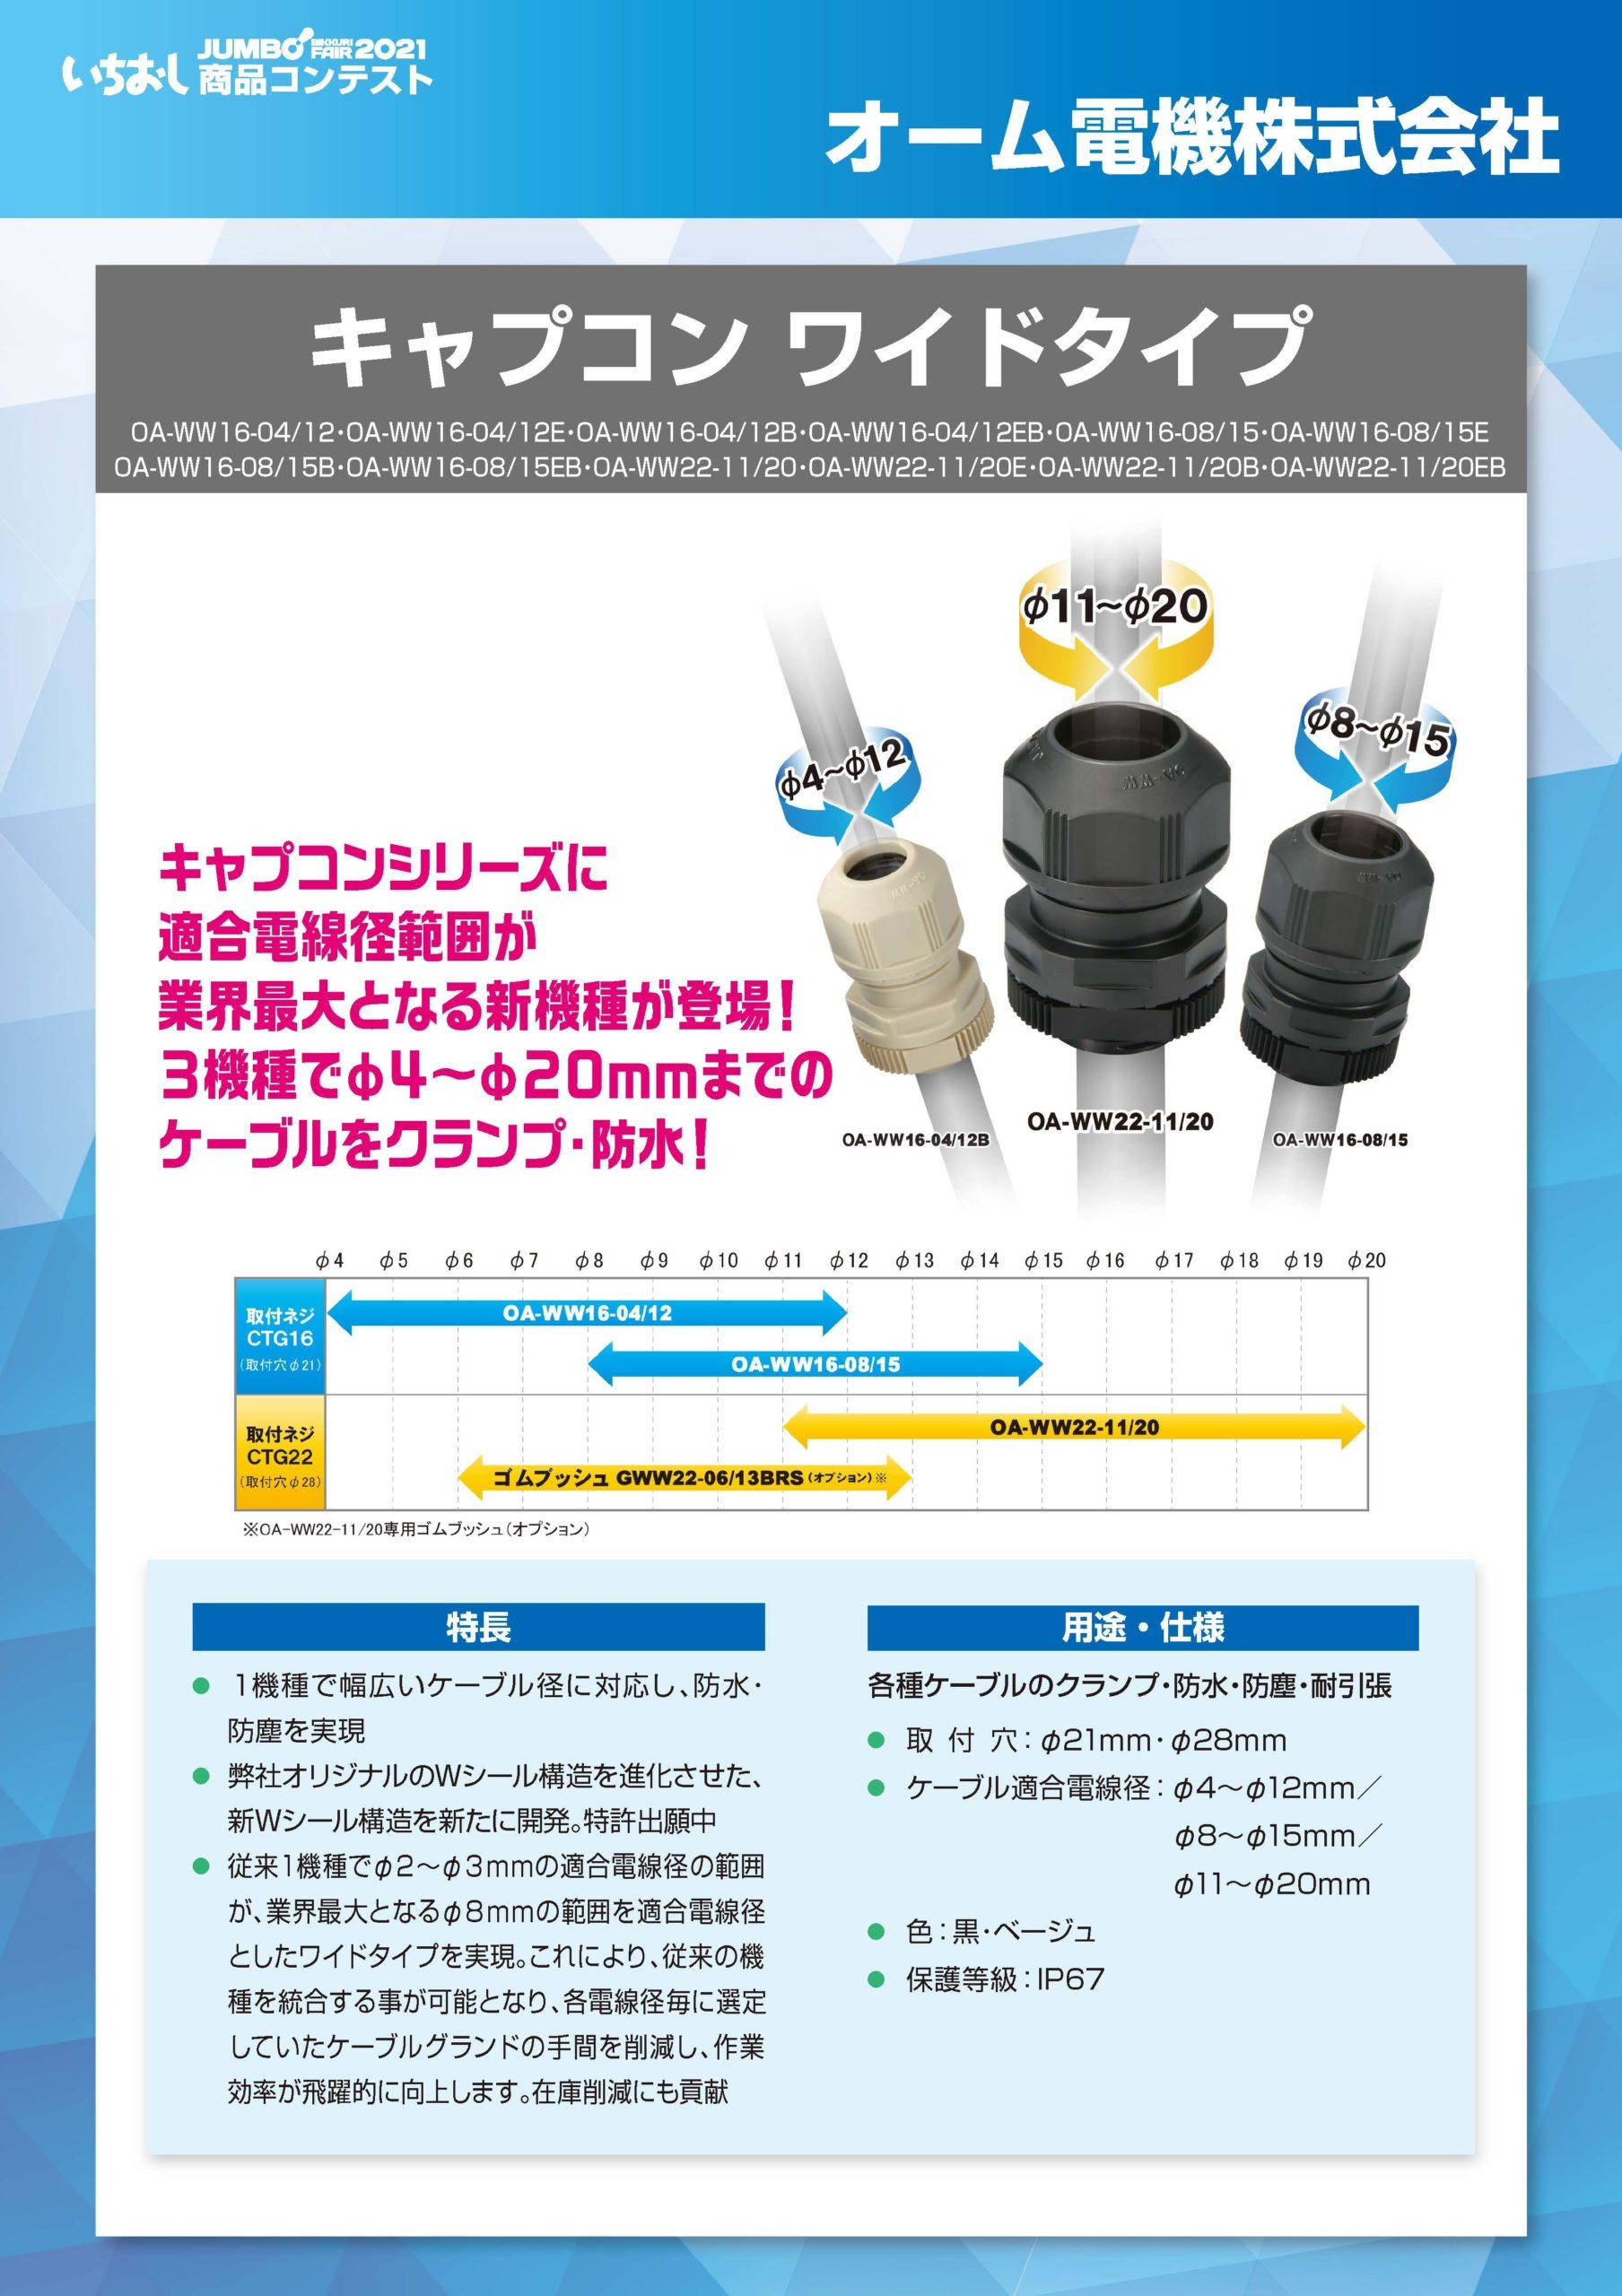 「キャプコン ワイドタイプ」オーム電機株式会社の画像